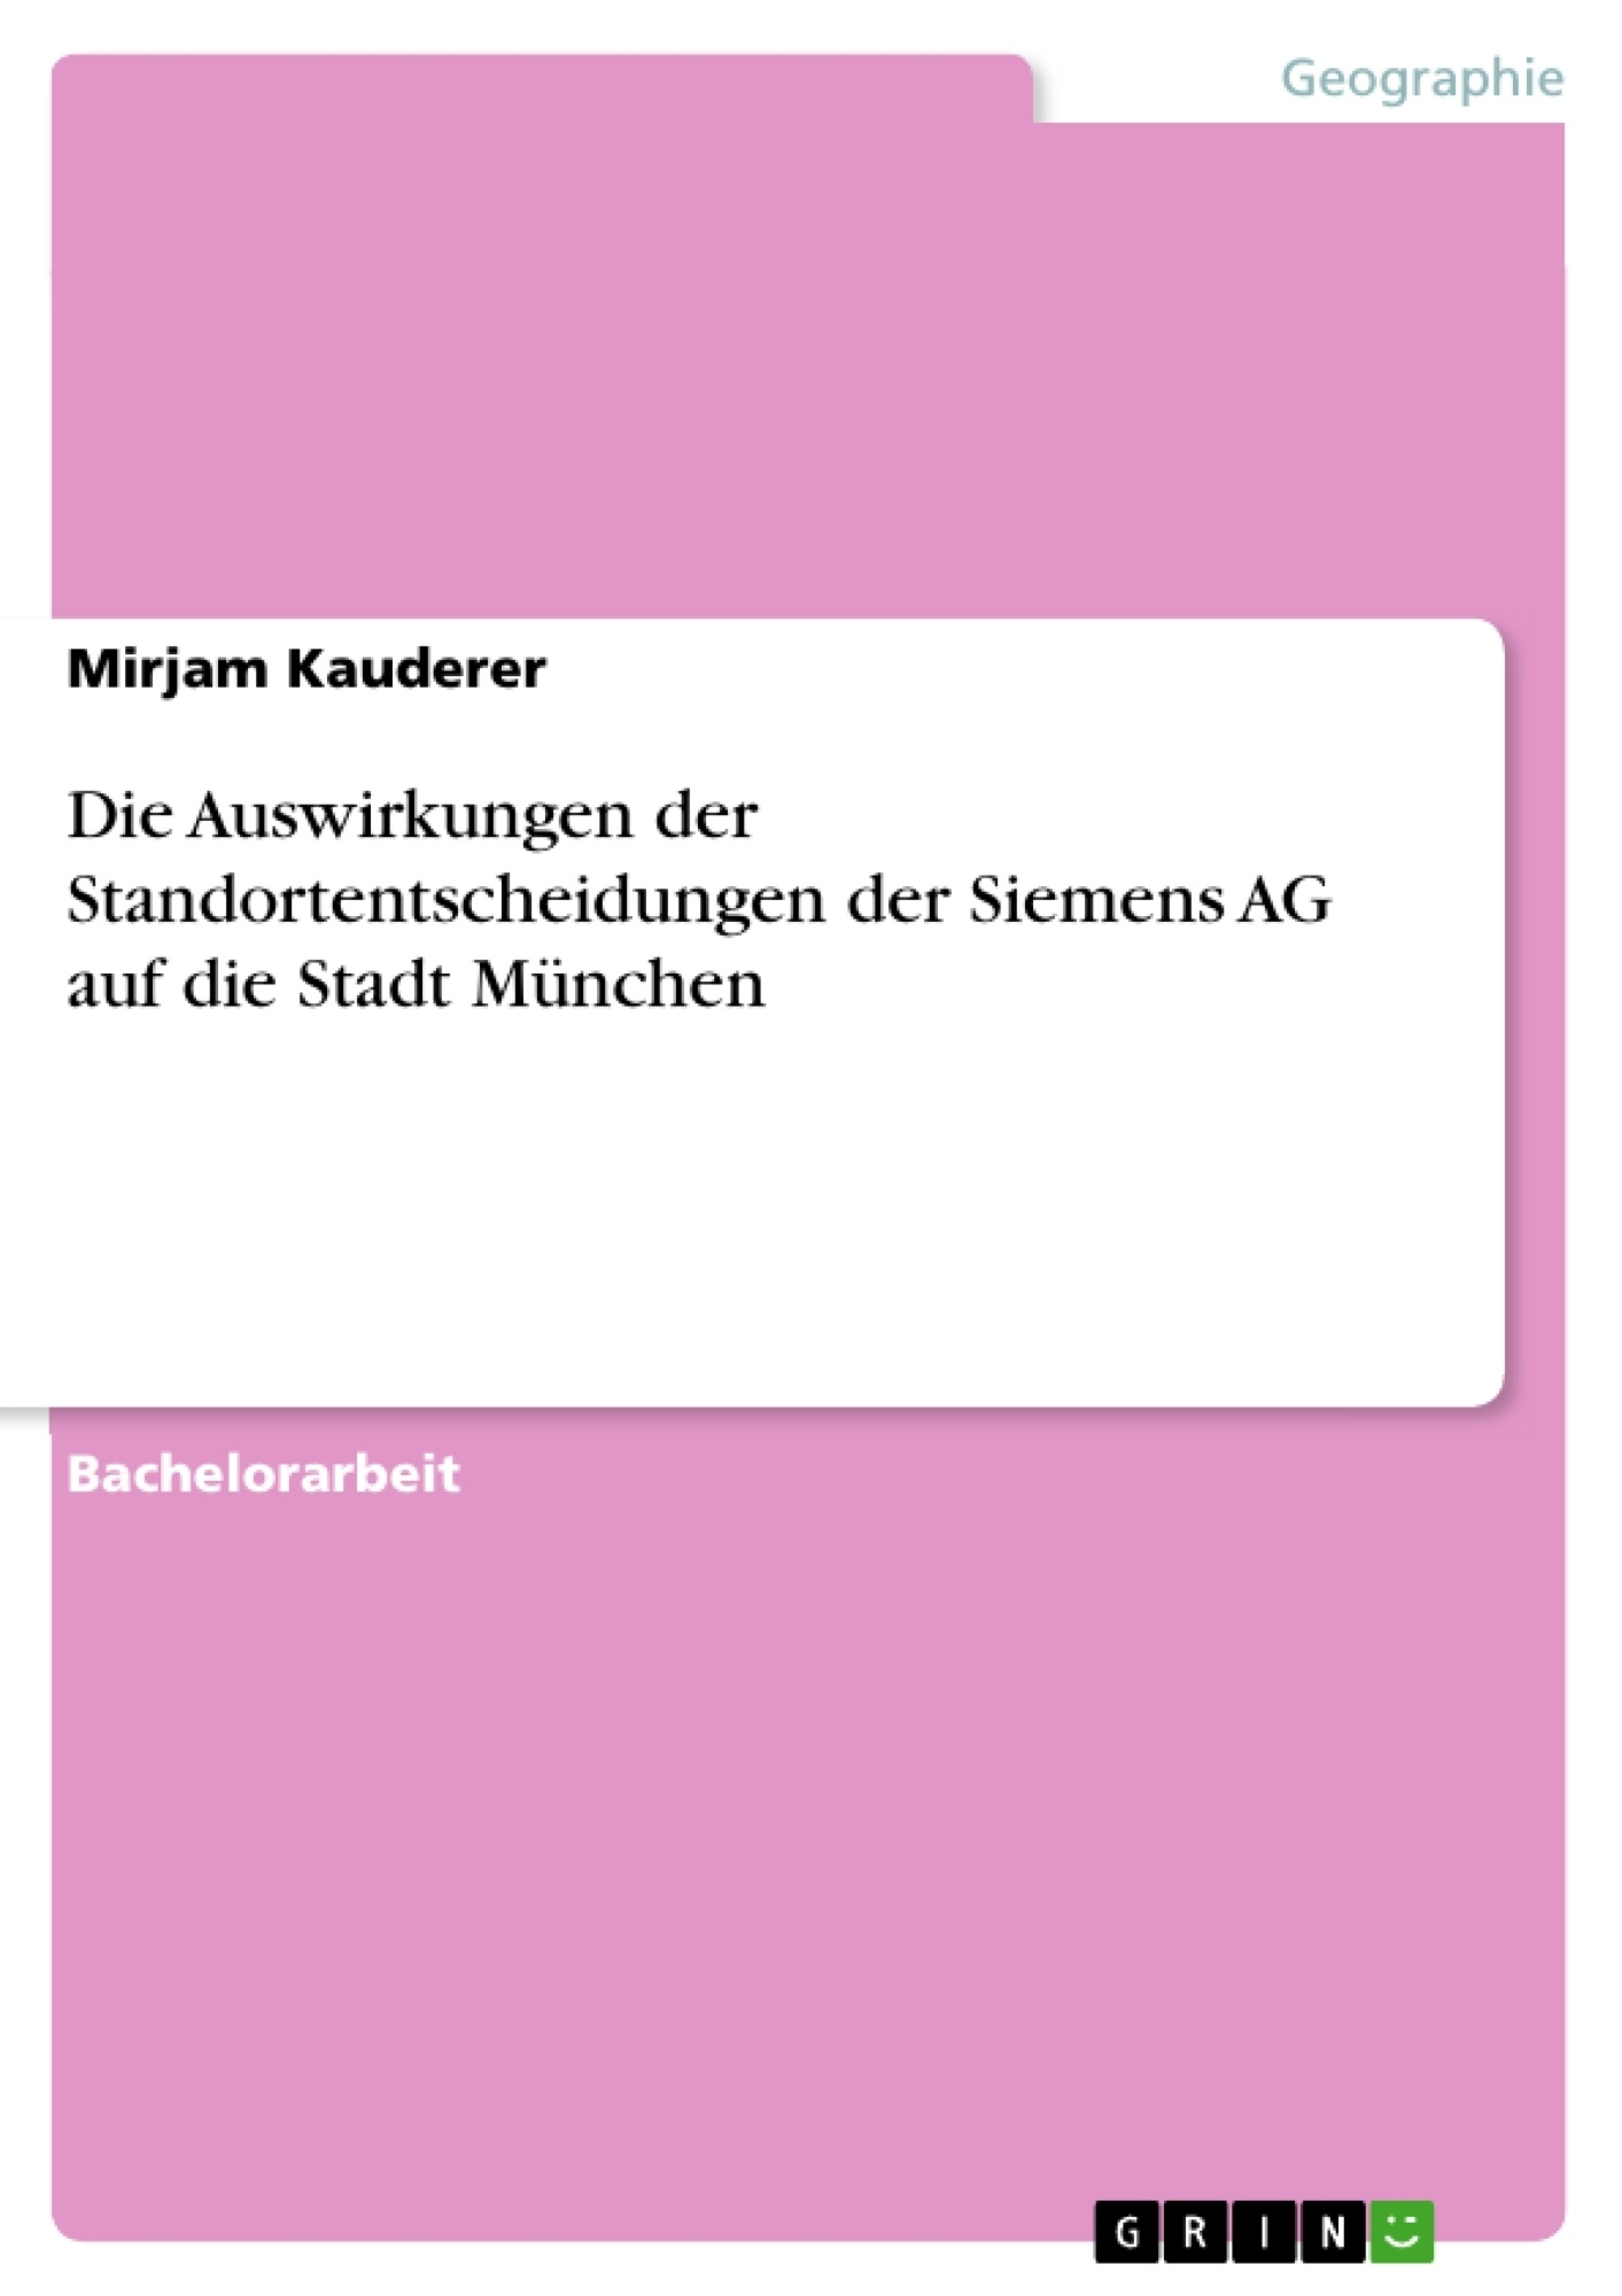 Titel: Die Auswirkungen der Standortentscheidungen der Siemens AG auf die Stadt München